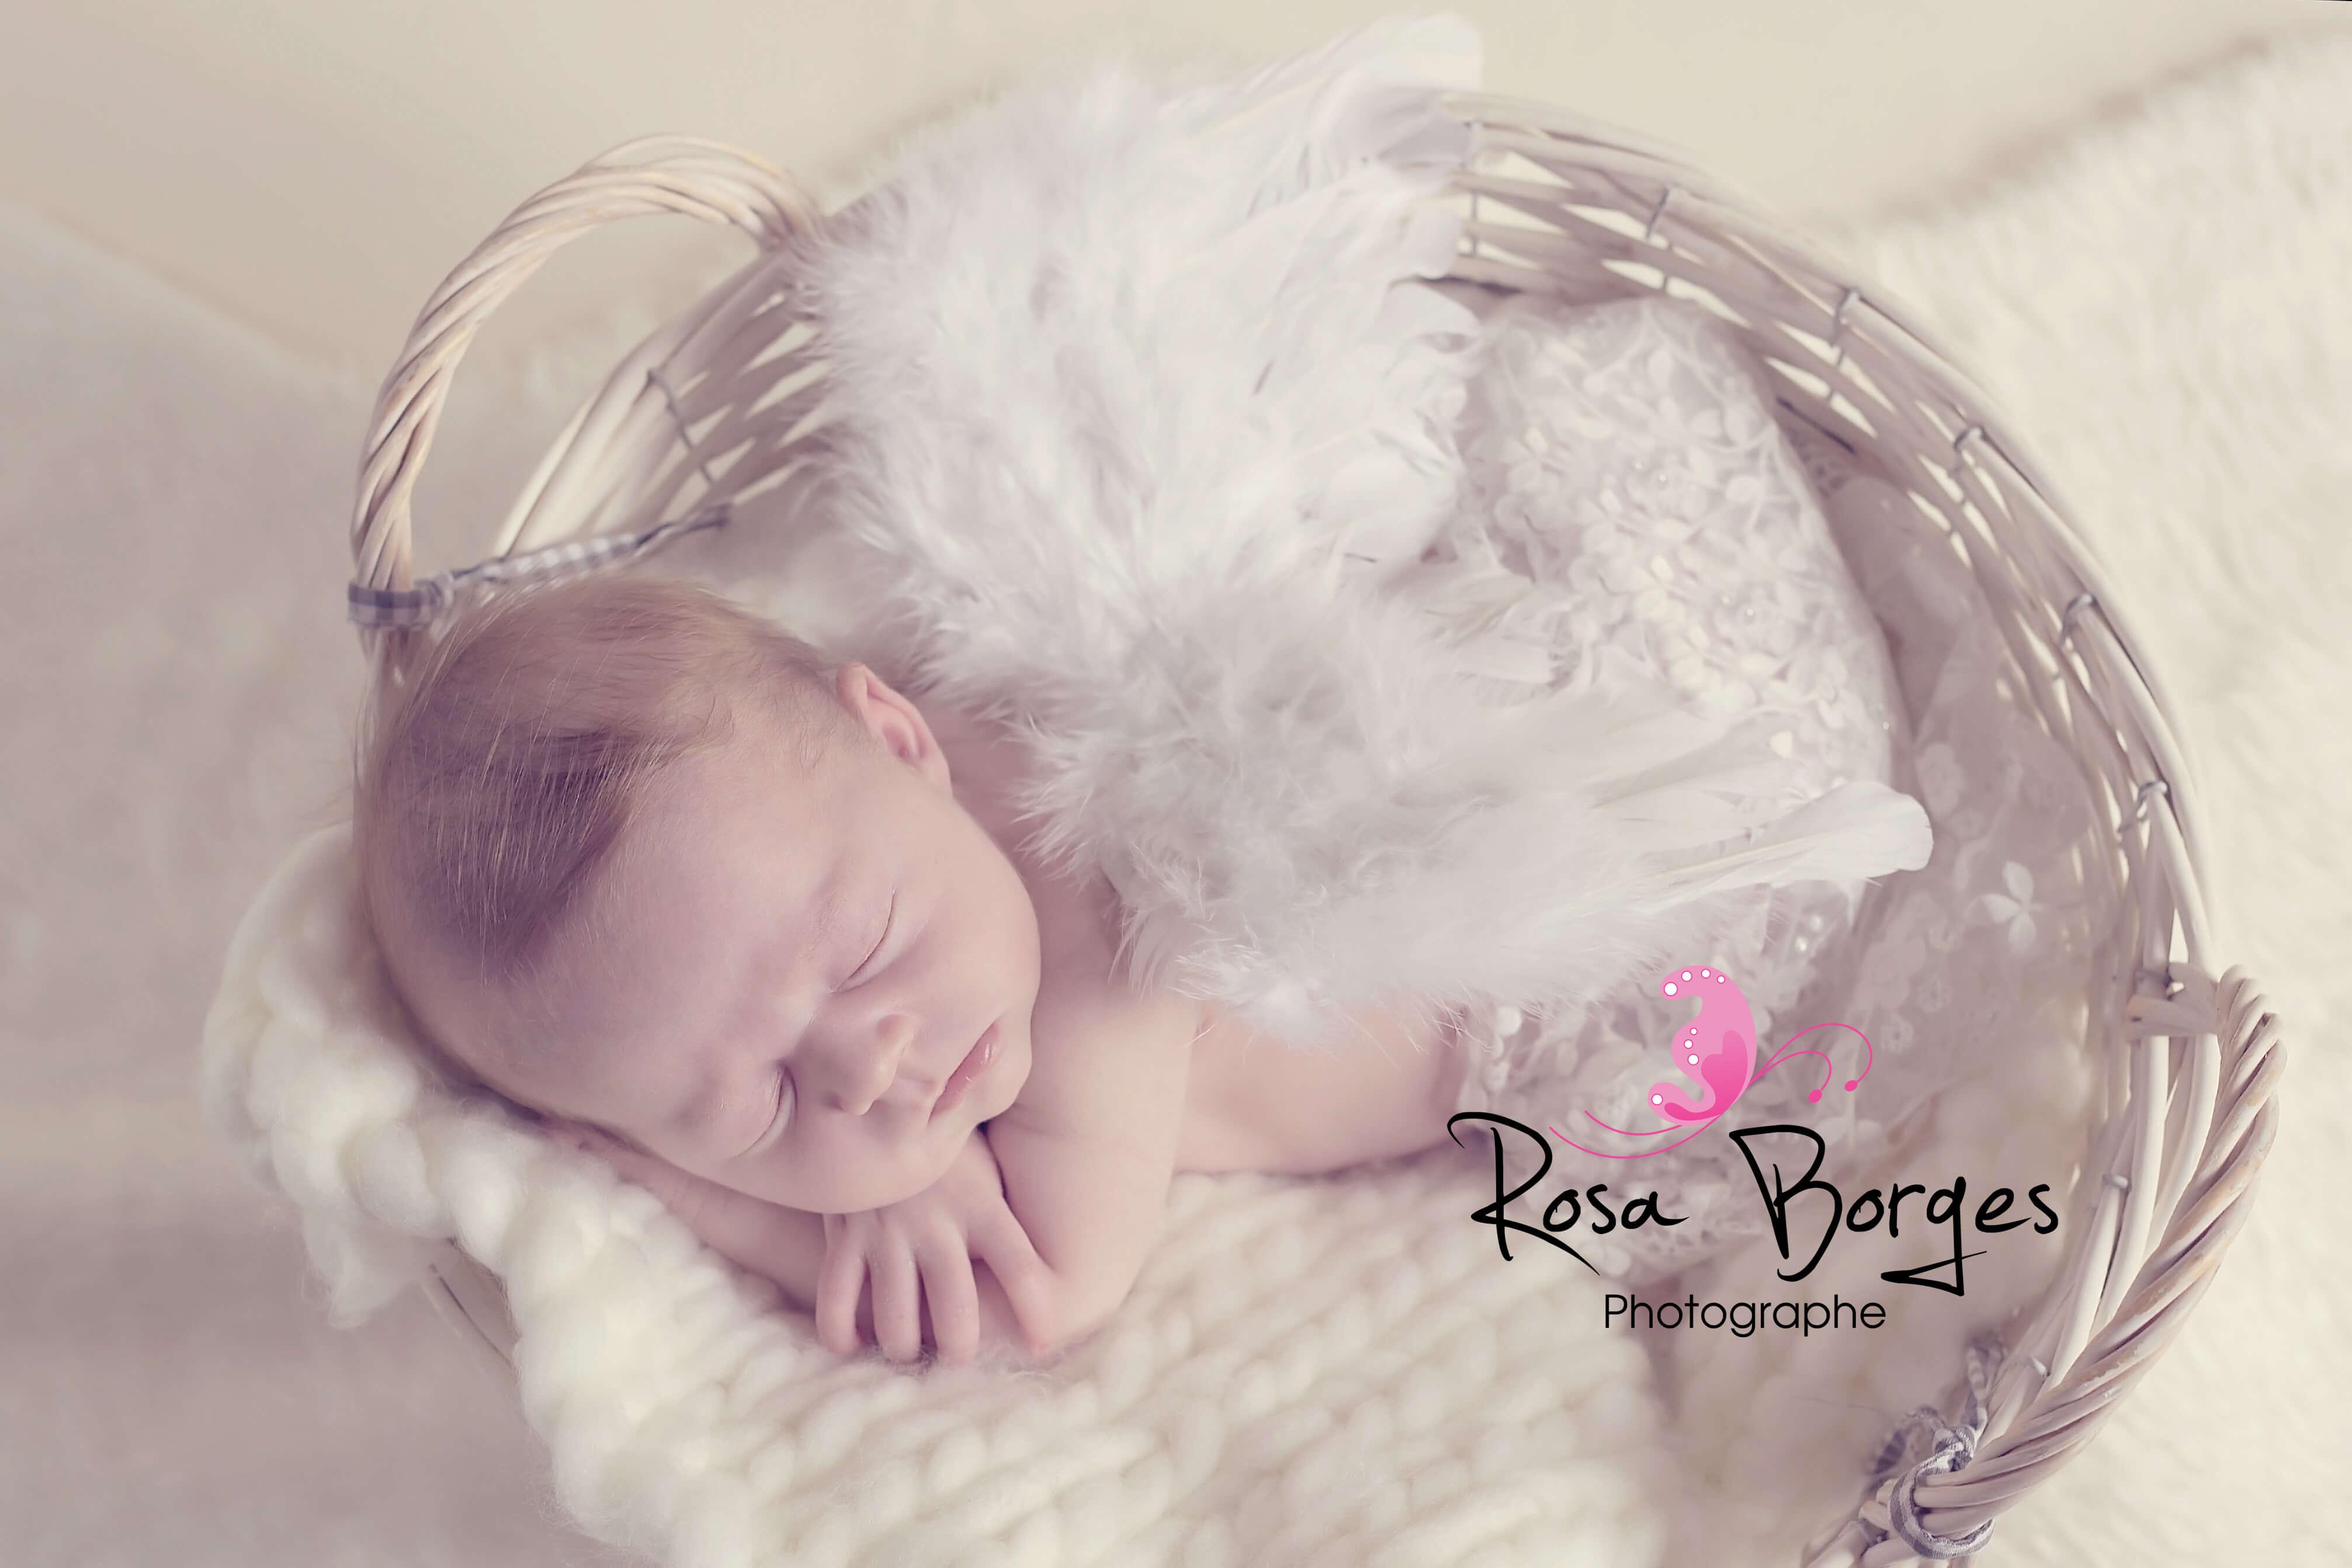 photographie nouveau-né avec ses ailes d'anges, dans un panier